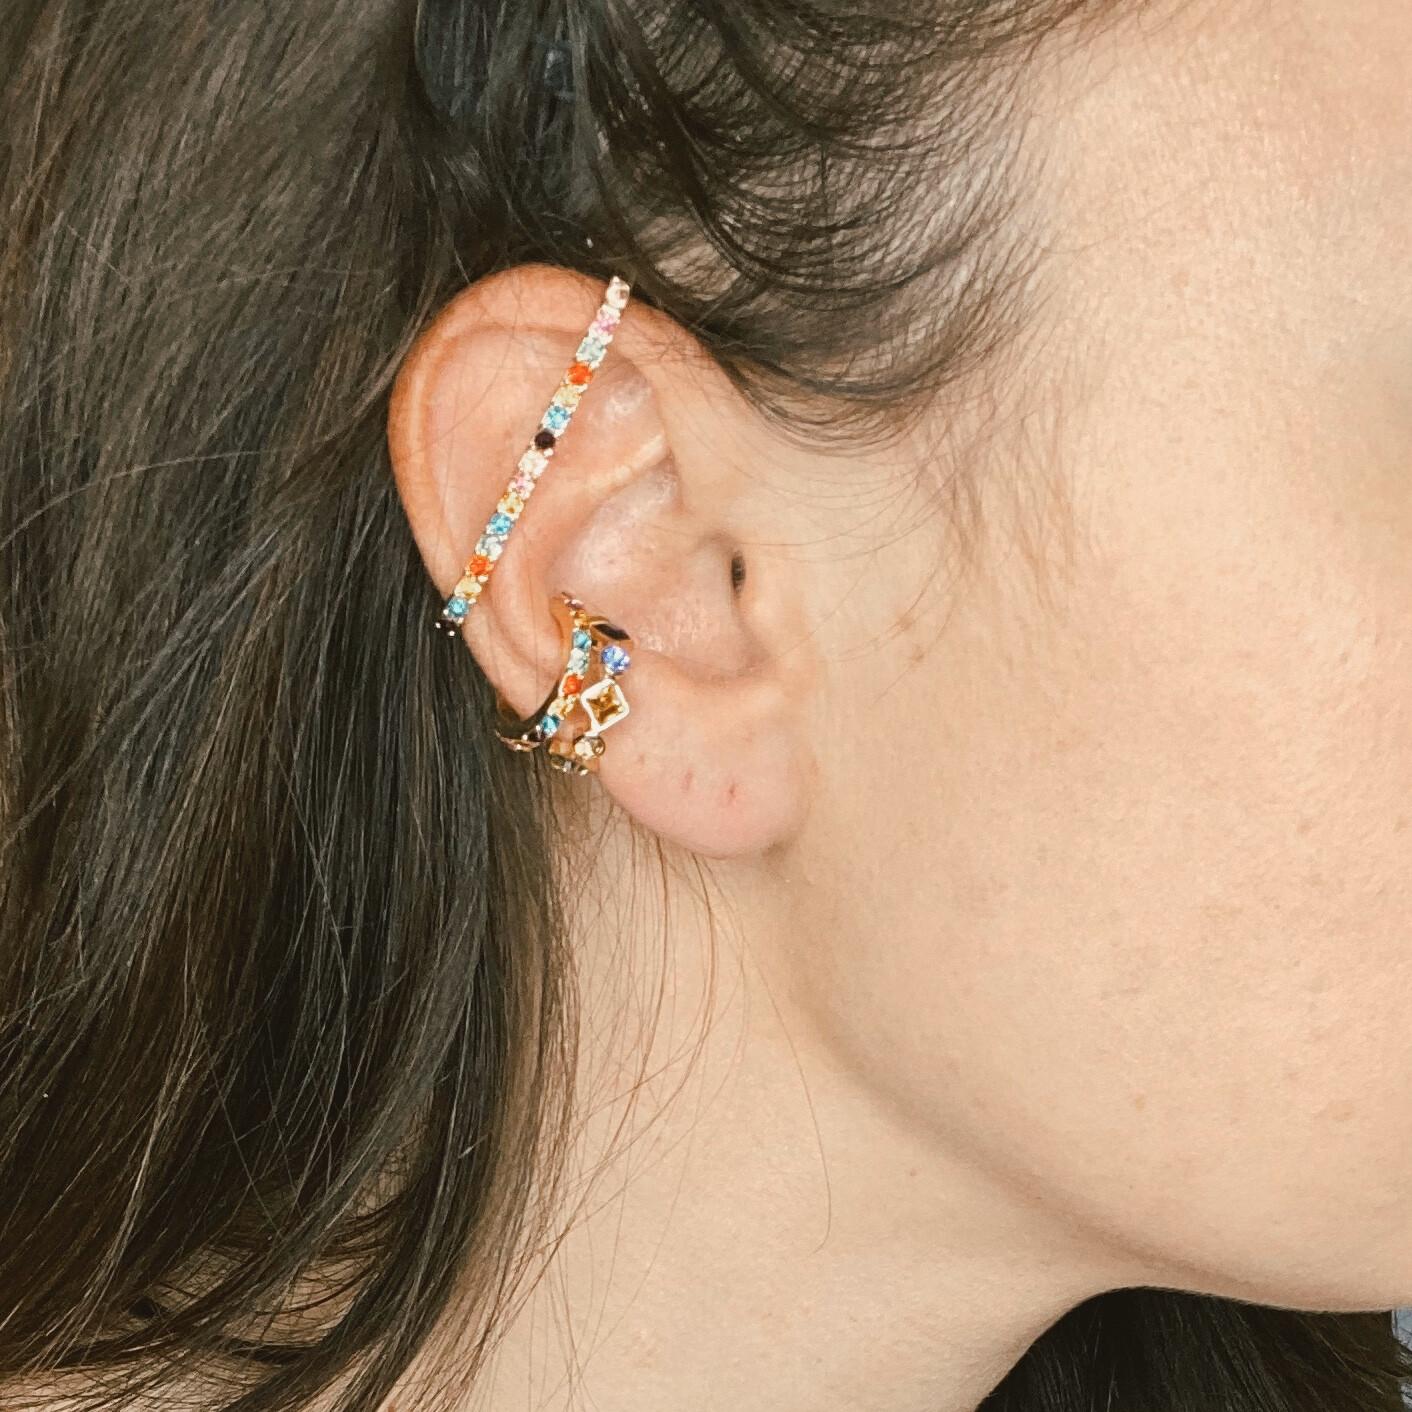 Rainbow Crystal Ear Cuffs